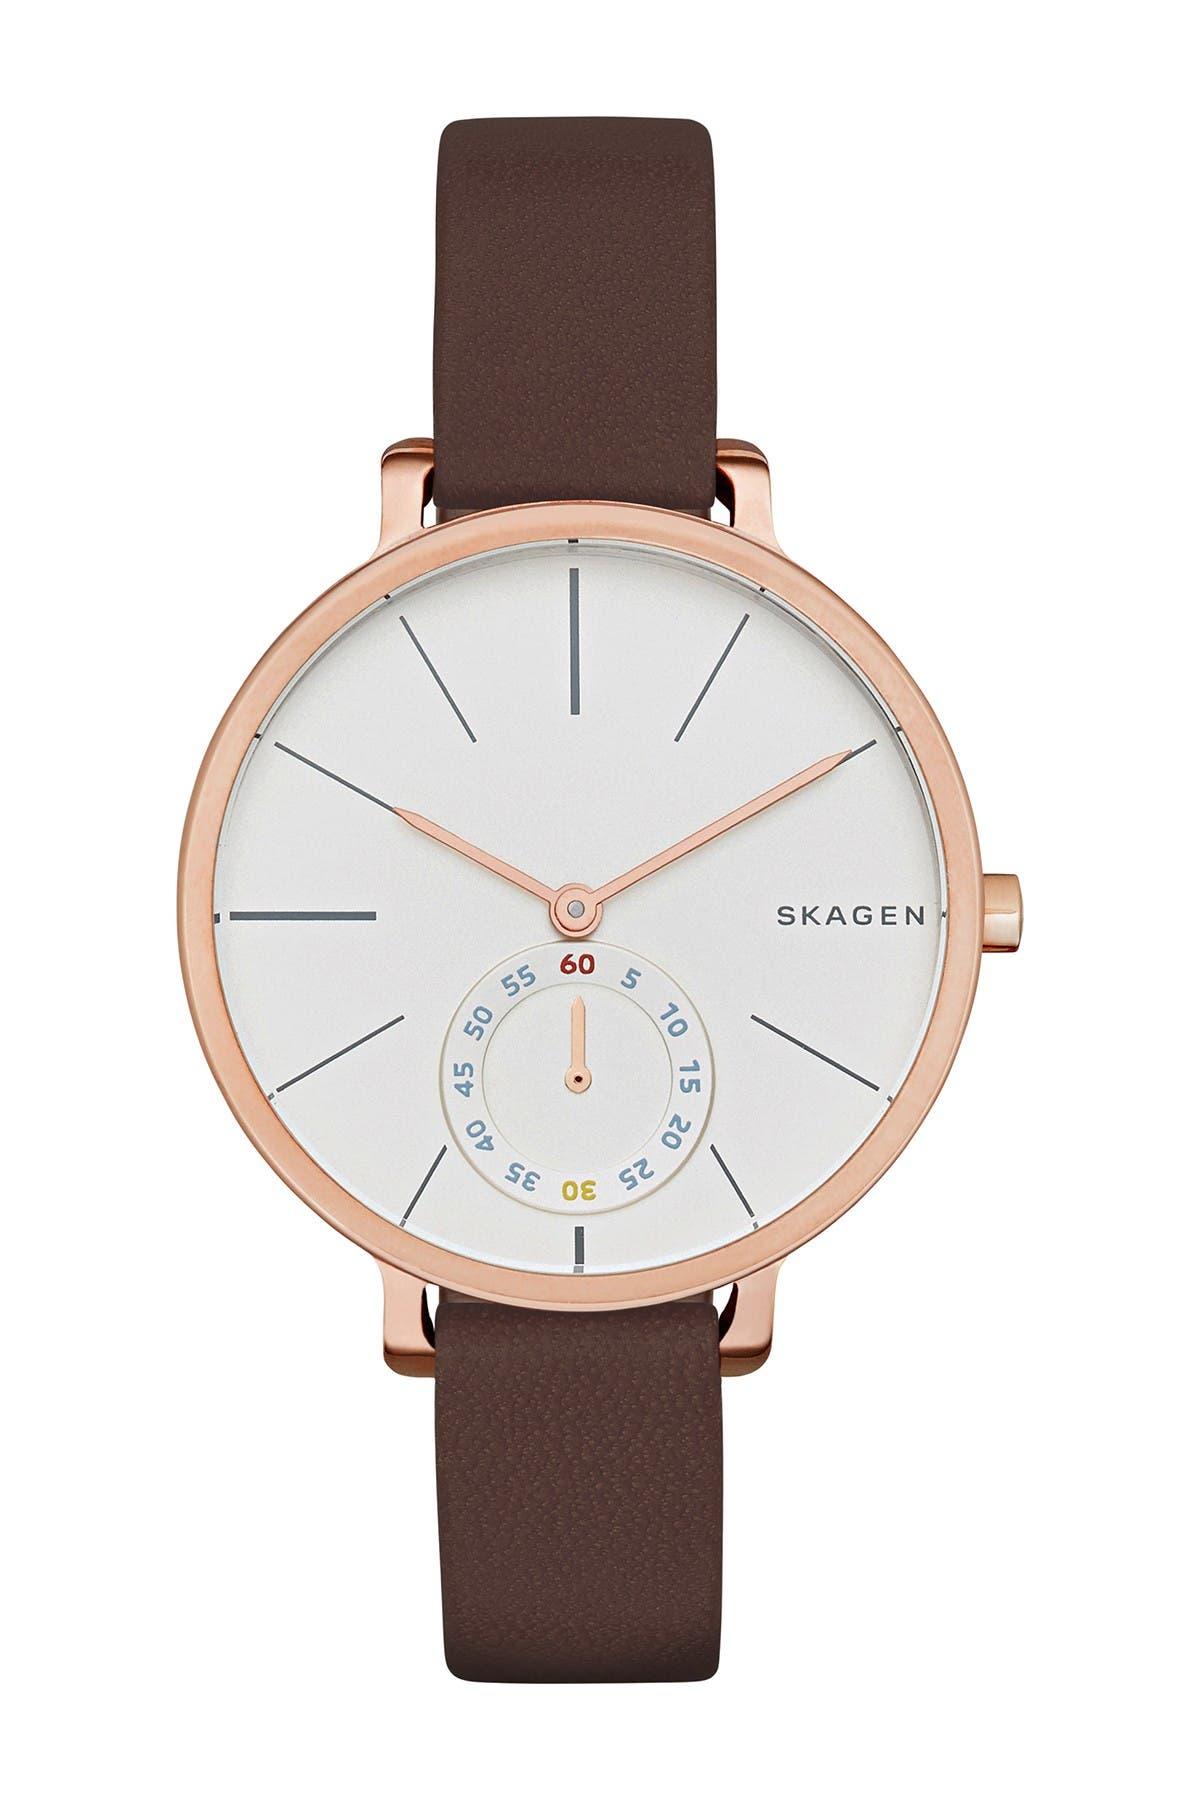 Image of Skagen Women's Hagen Leather Strap Watch, 34mm